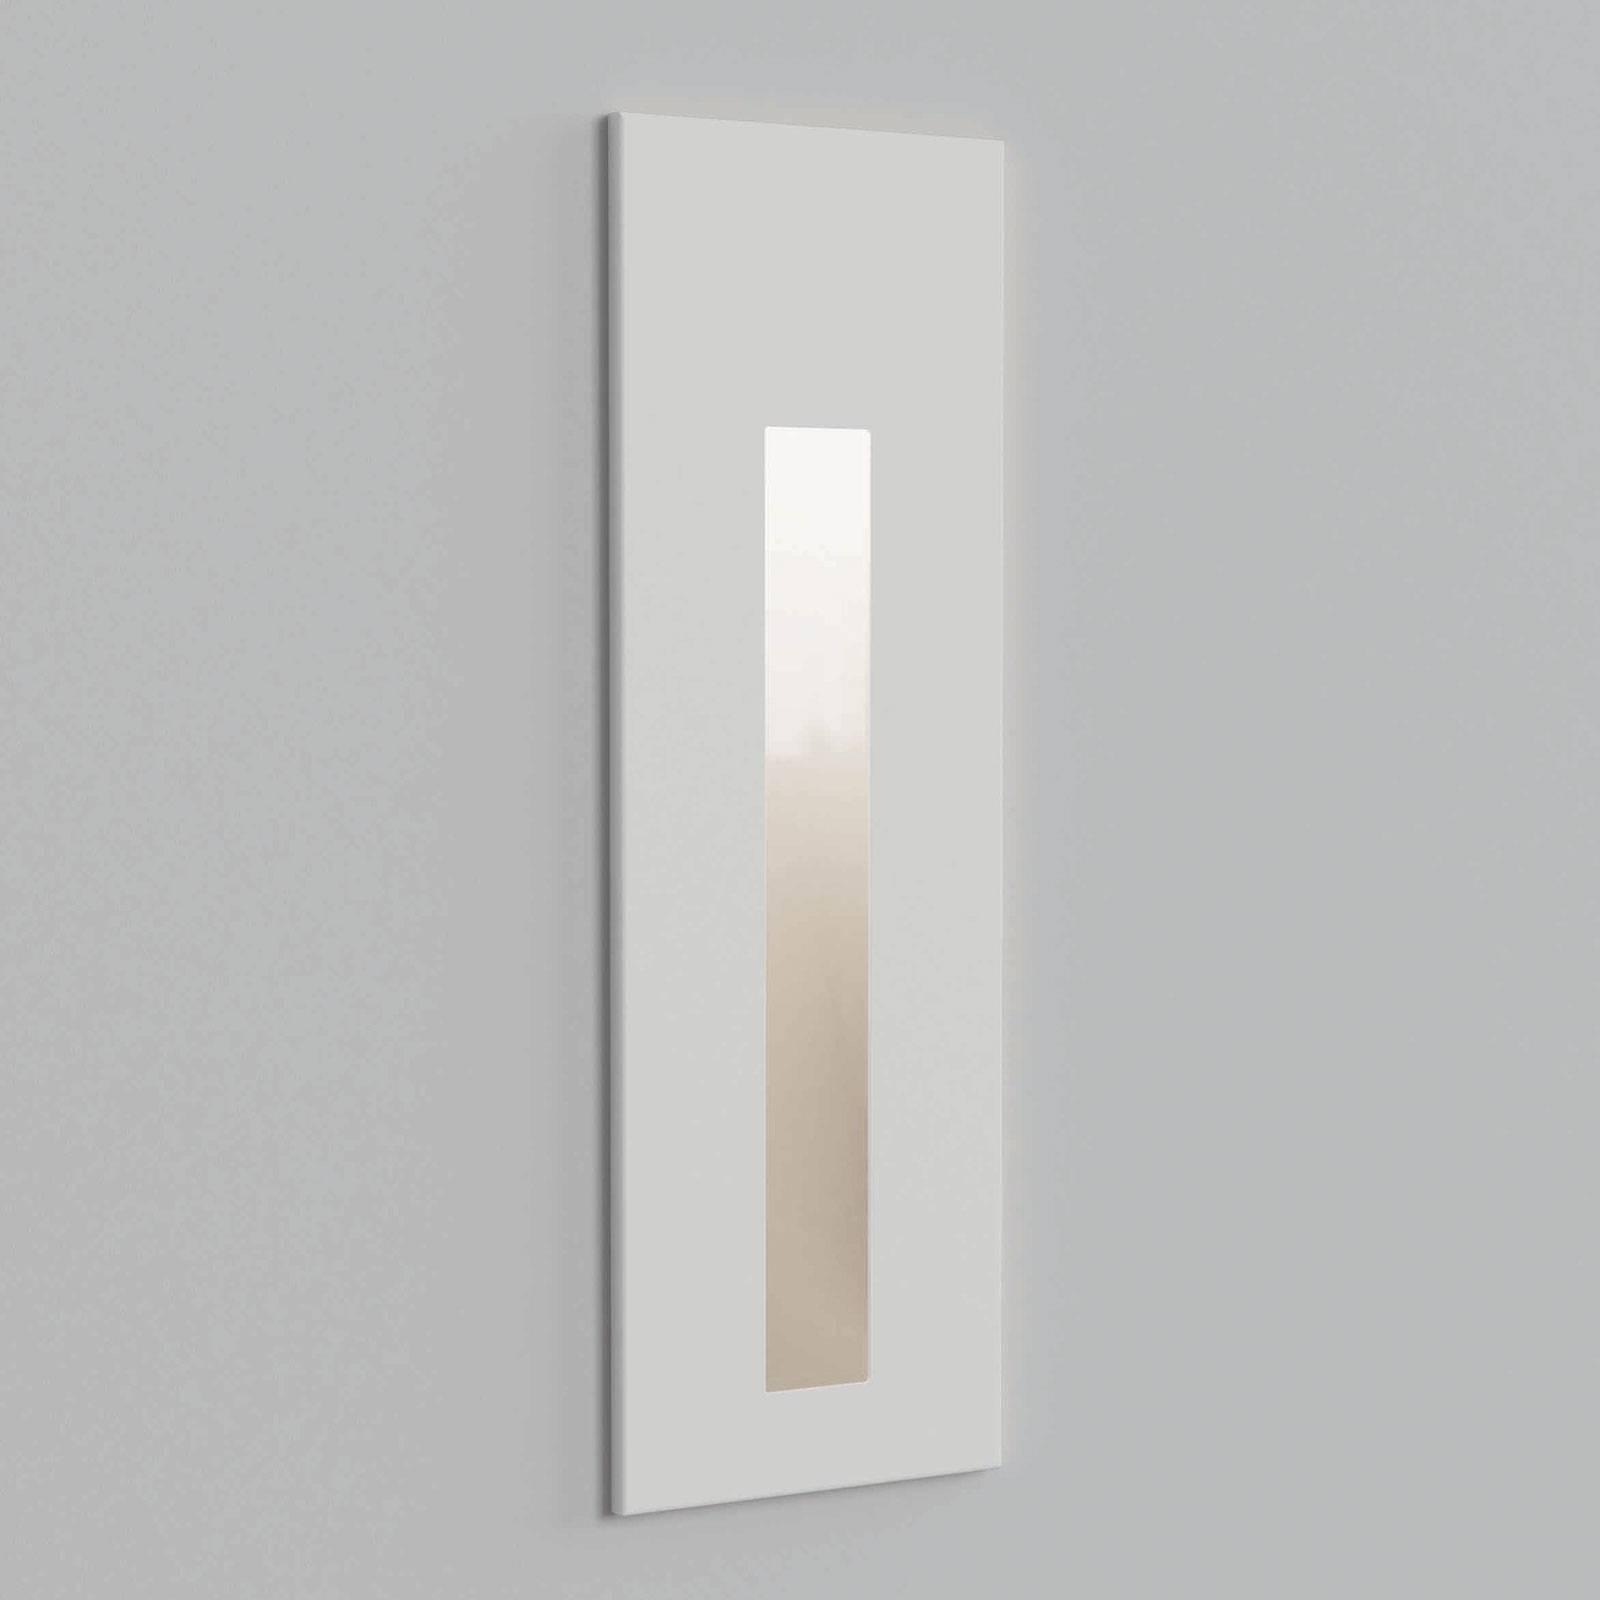 Astro Borgo 55 -seinäuppovalaisin, valkoinen